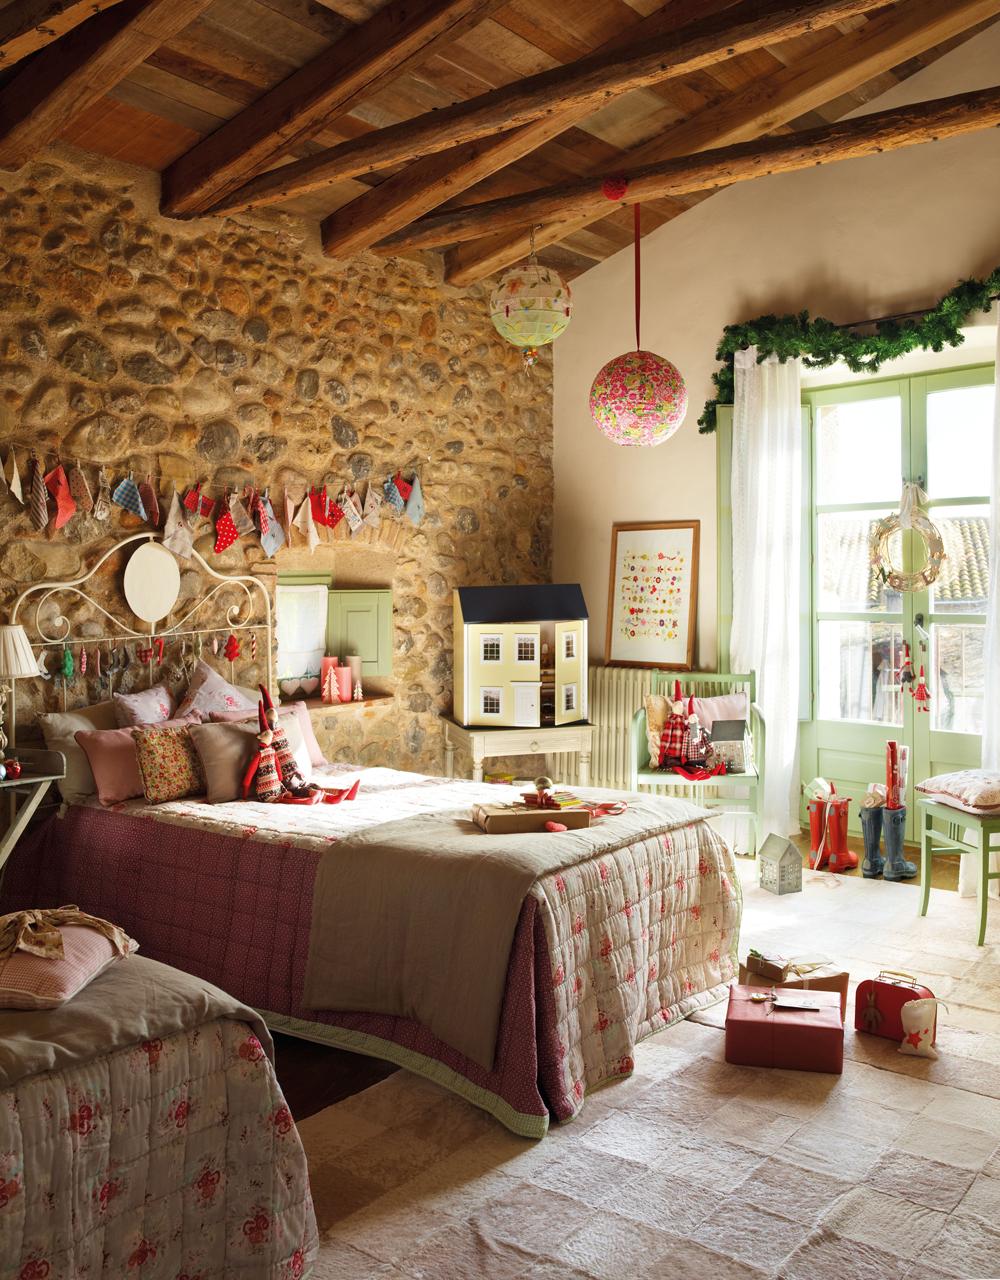 Adornos de navidad para decorar la habitaci n infantil - Decorar habitacion rustica ...